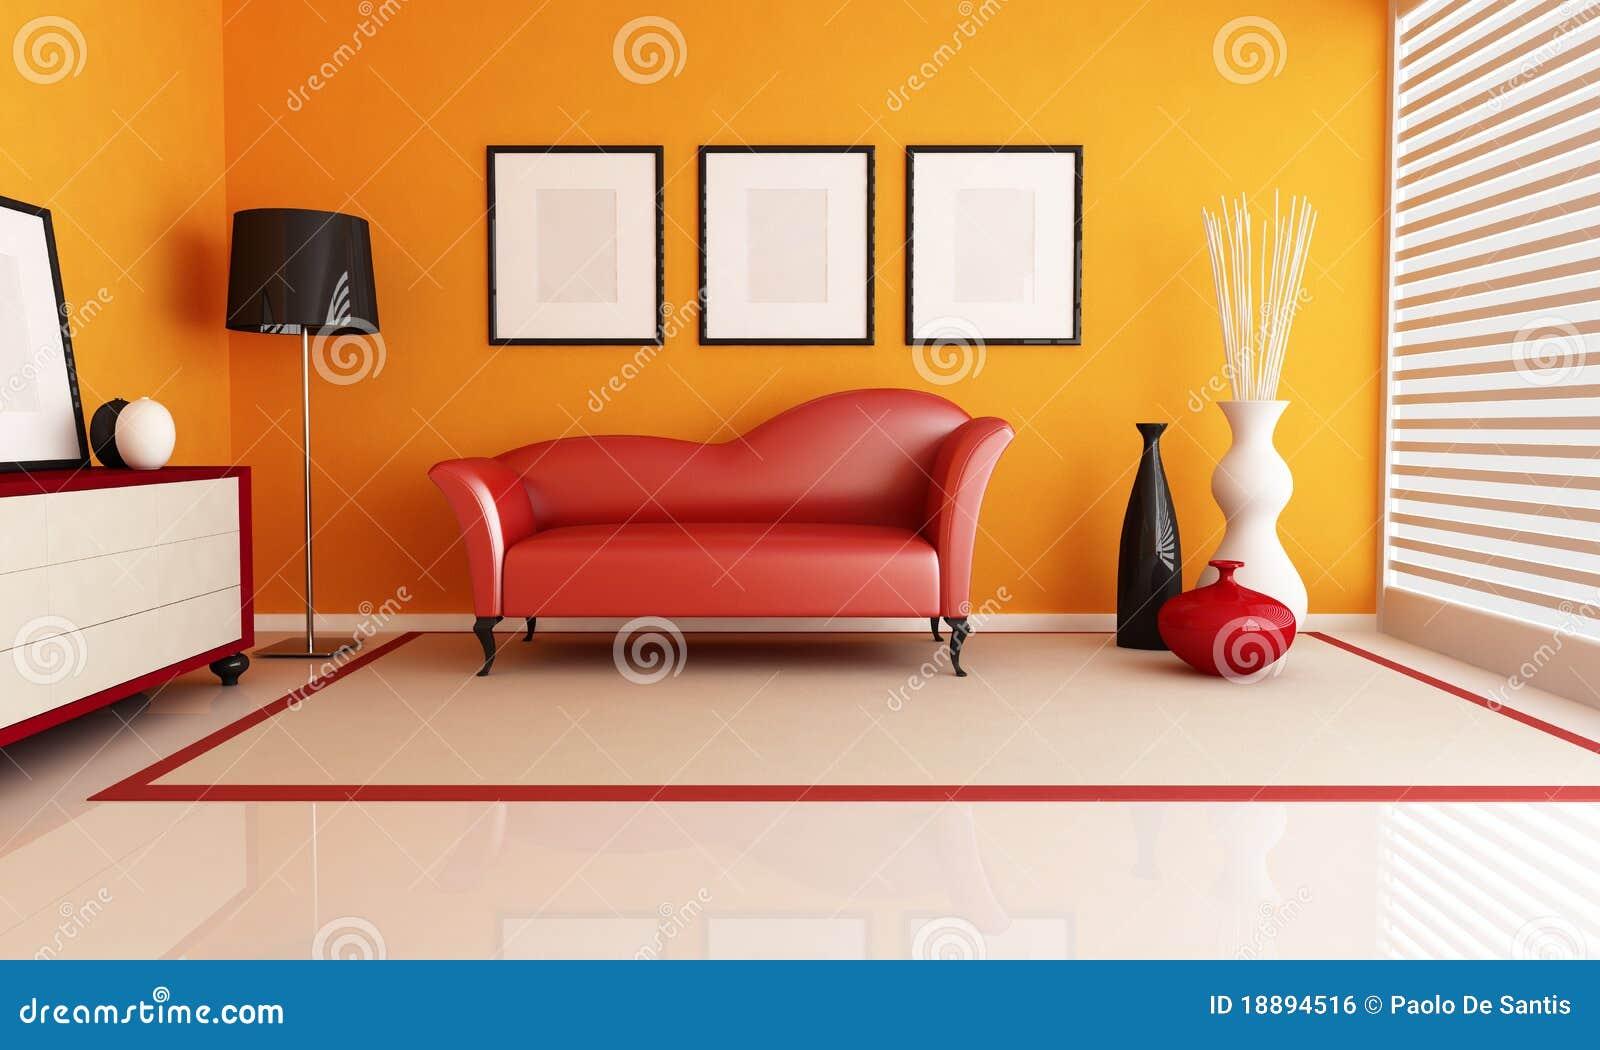 rote couch auf orange wand lizenzfreie stockfotos - bild: 8448158 - Orange Wand Wohnzimmer